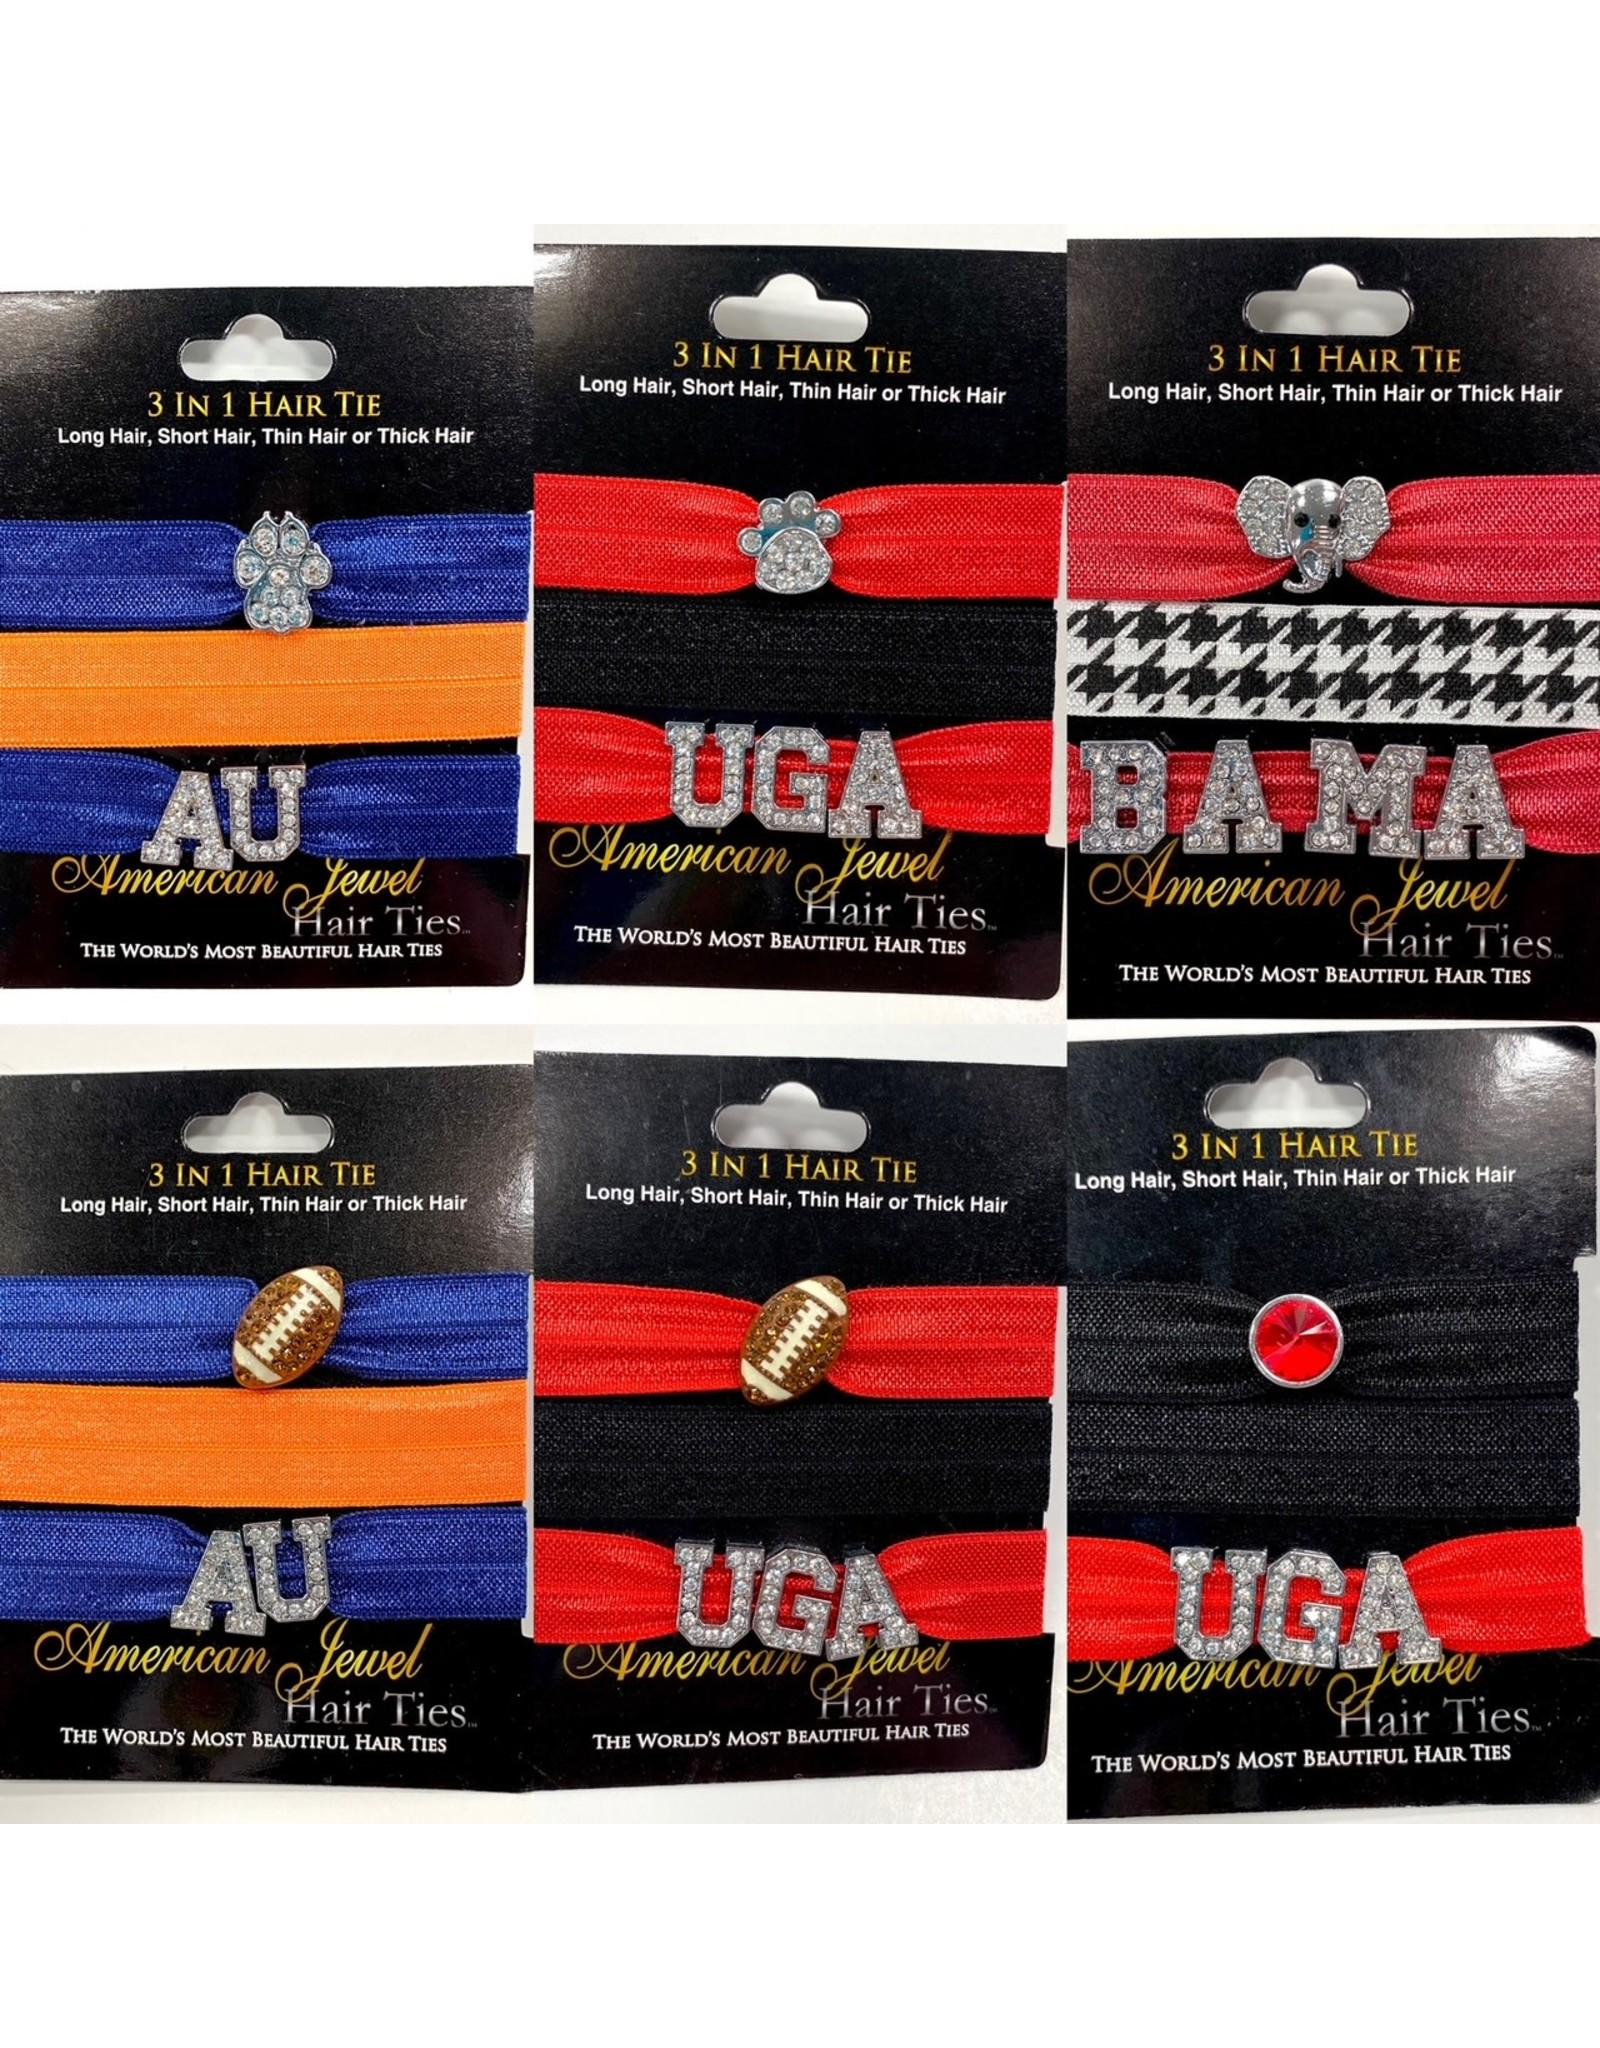 American Jewel American Jewel - SEC 3 in 1